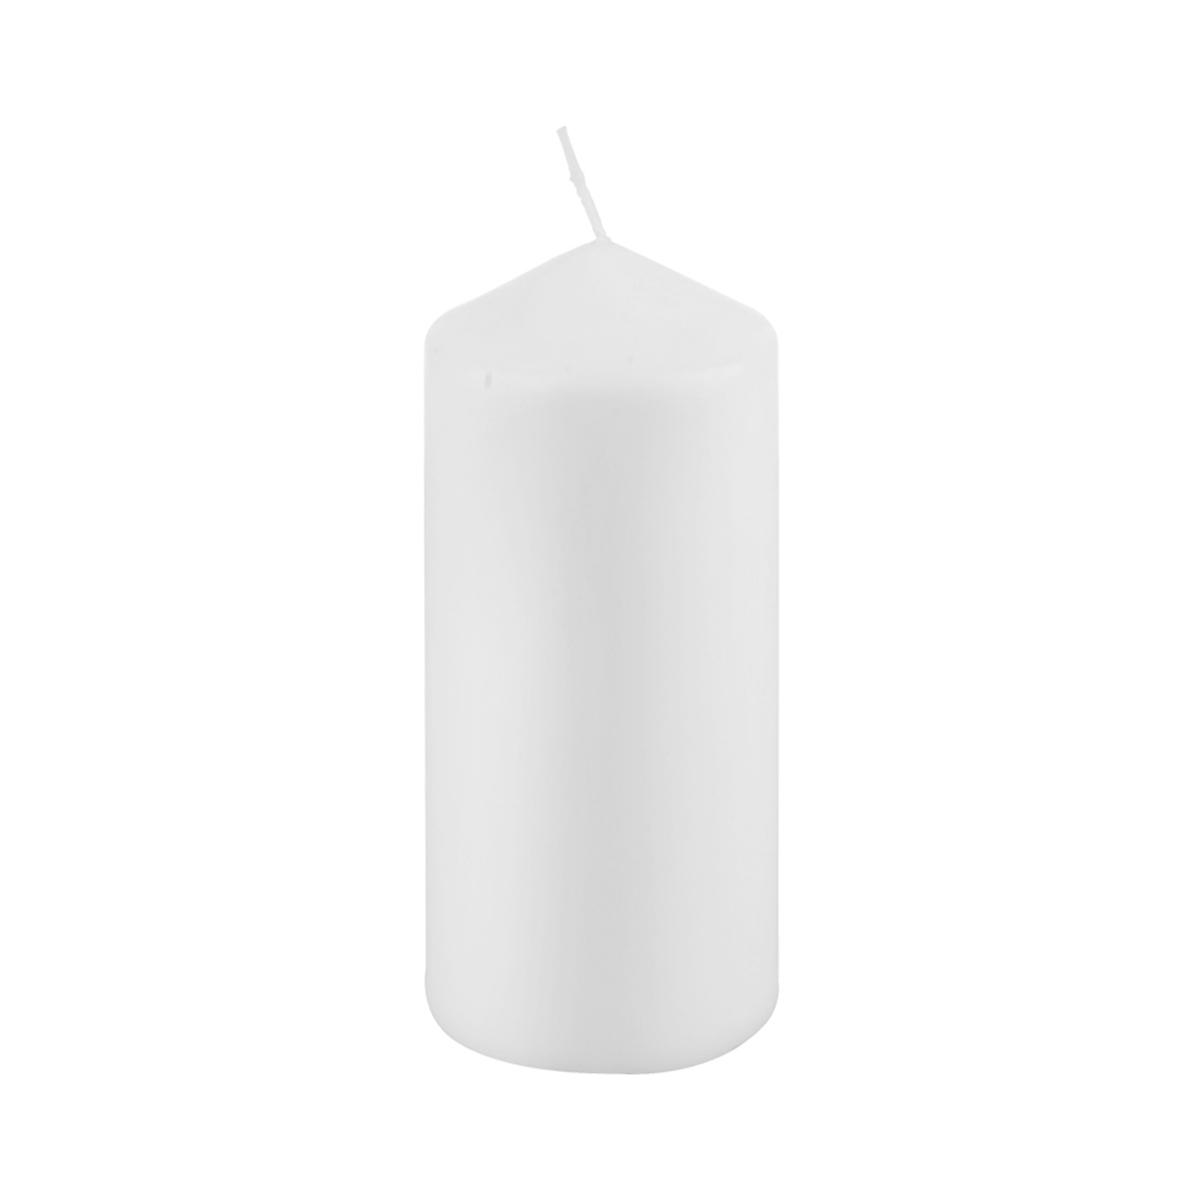 شمعة بدون رائحة  لون ابيض  دائري  ارتفاع  9 سم,